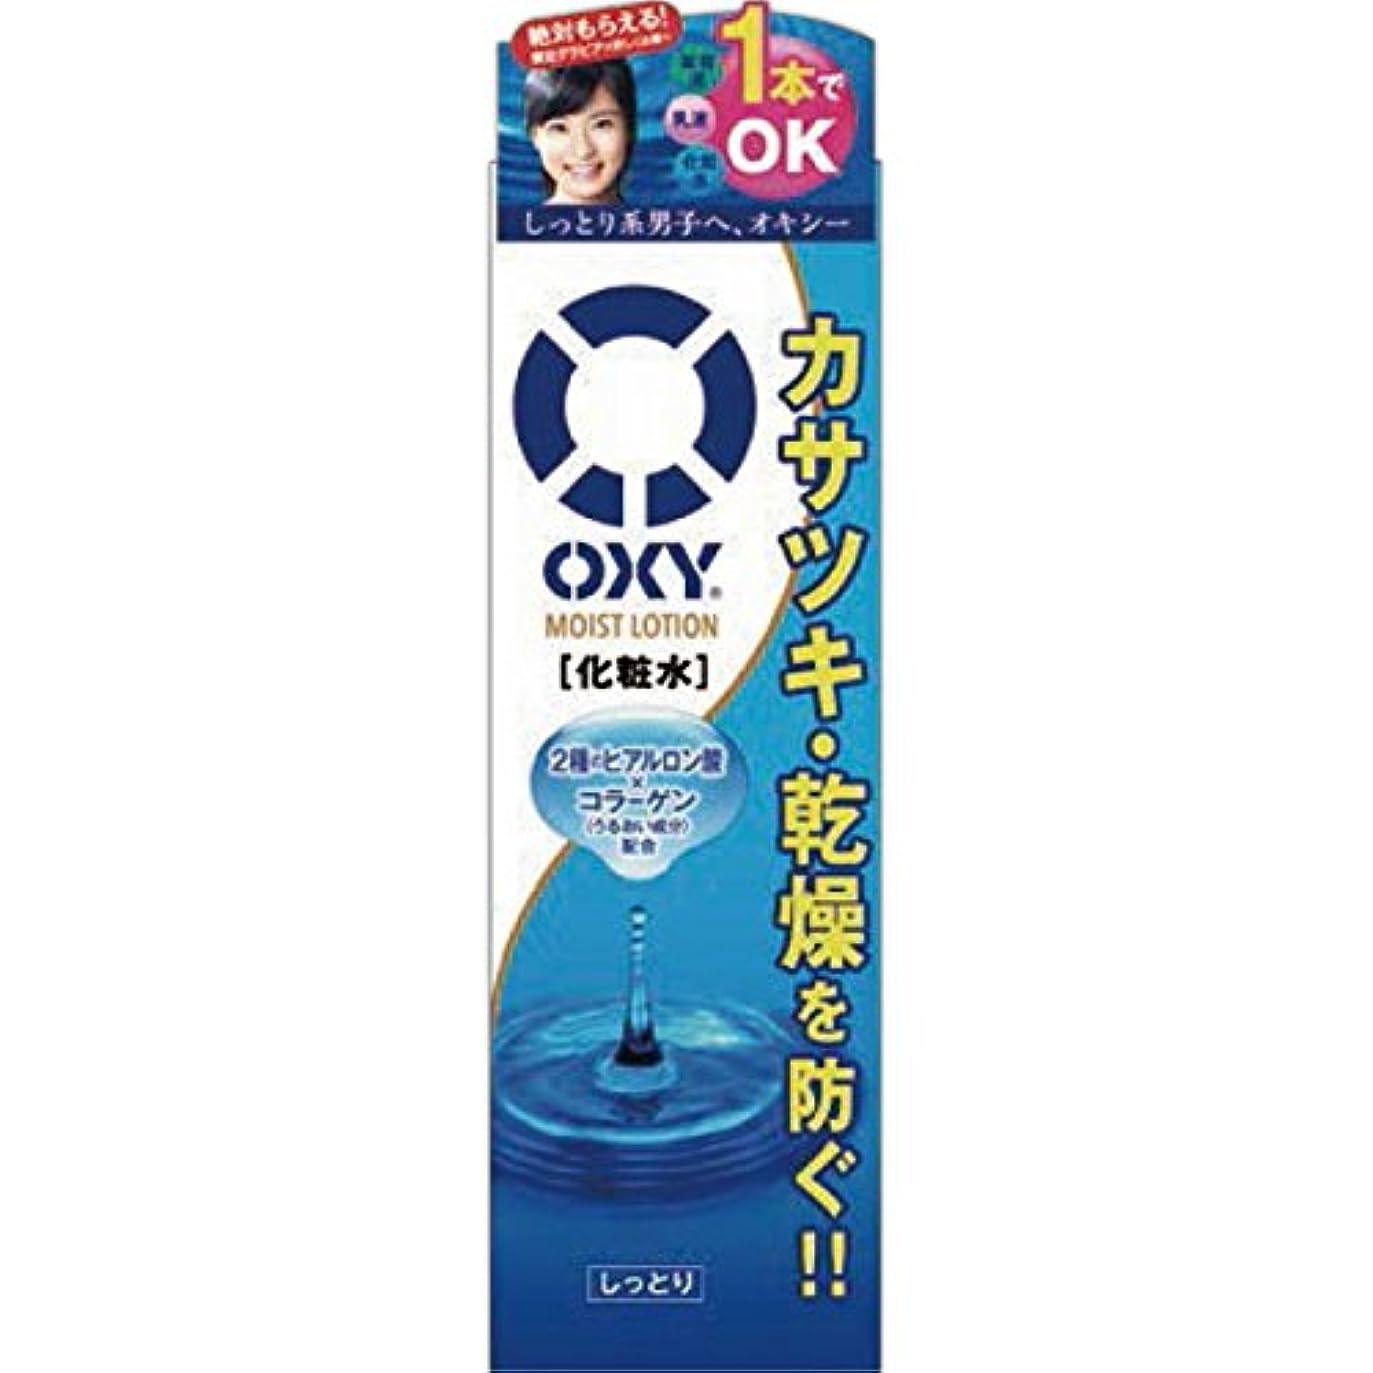 ソロ歯痛勤勉なオキシー (Oxy) モイストローション オールインワン化粧水 2種のヒアルロン酸×コラーゲン配合 ゼラニウムの香 170mL